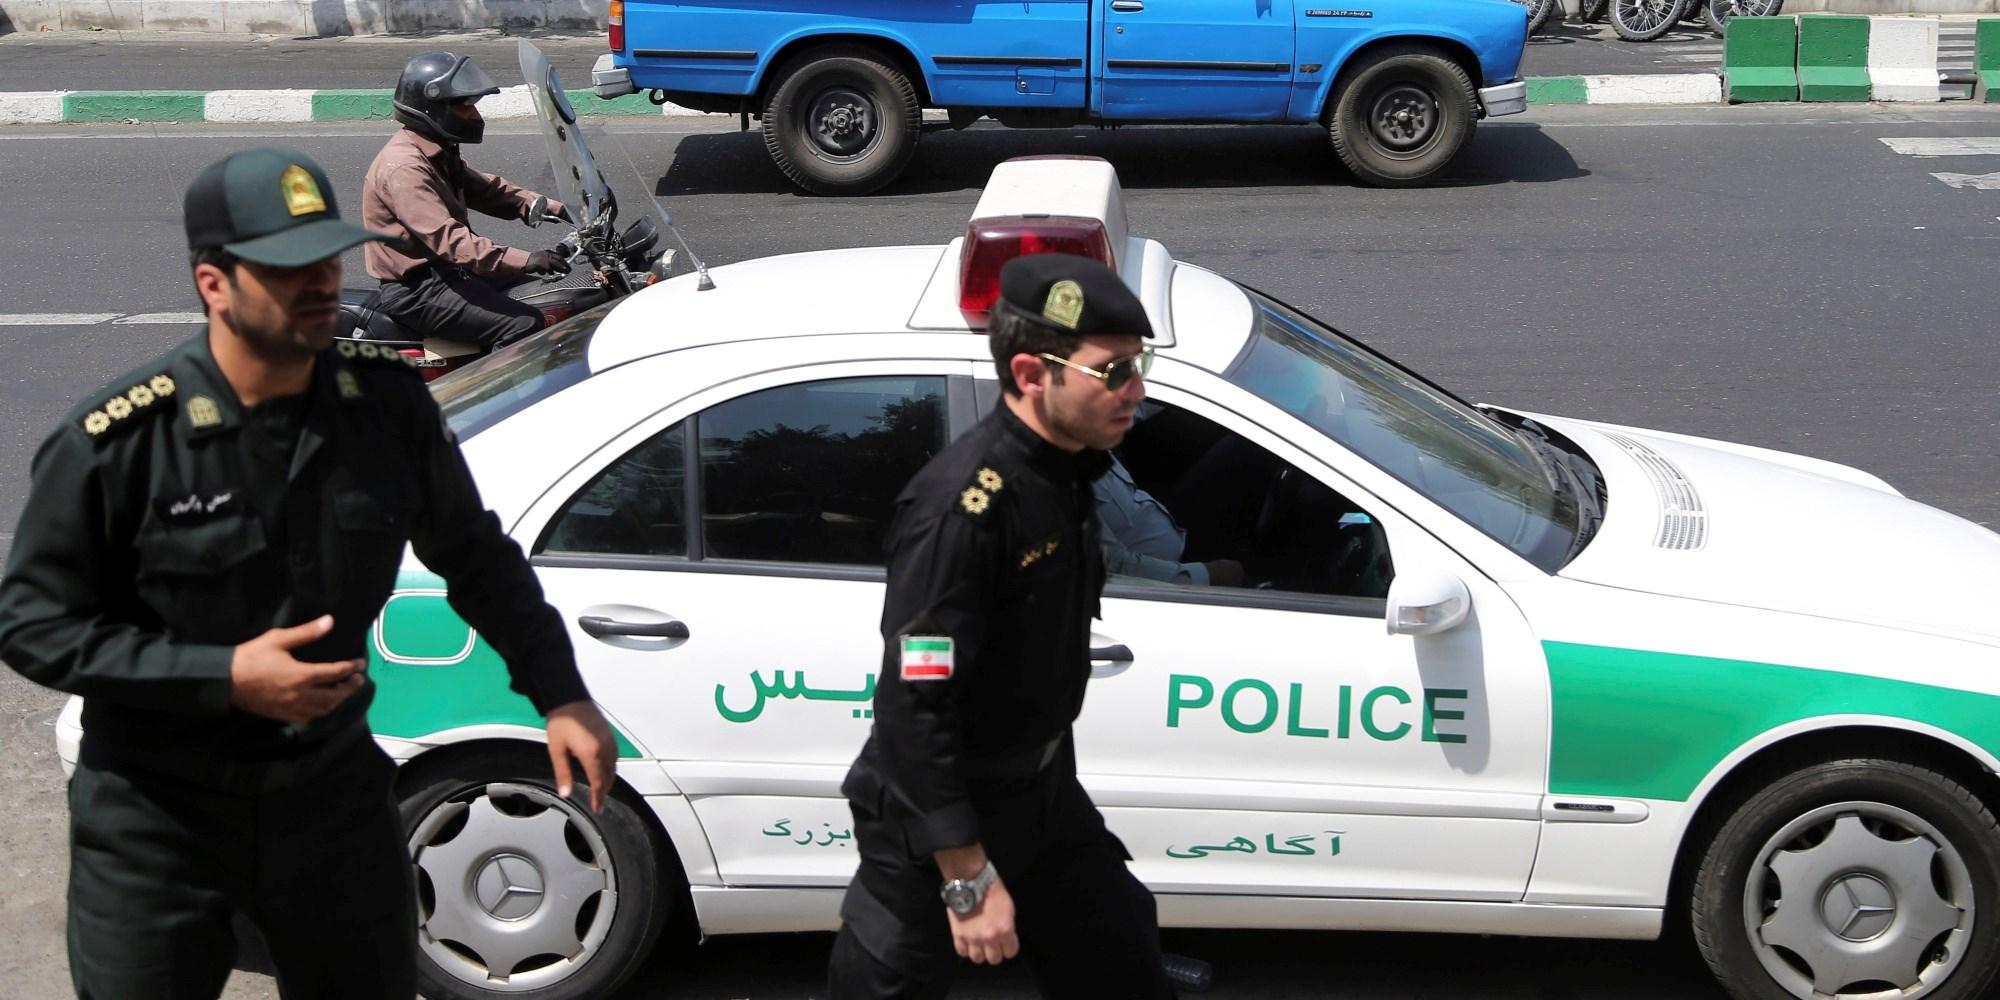 طهران: إلقاء القبض على خليتين إرهابيتين غرب البلاد